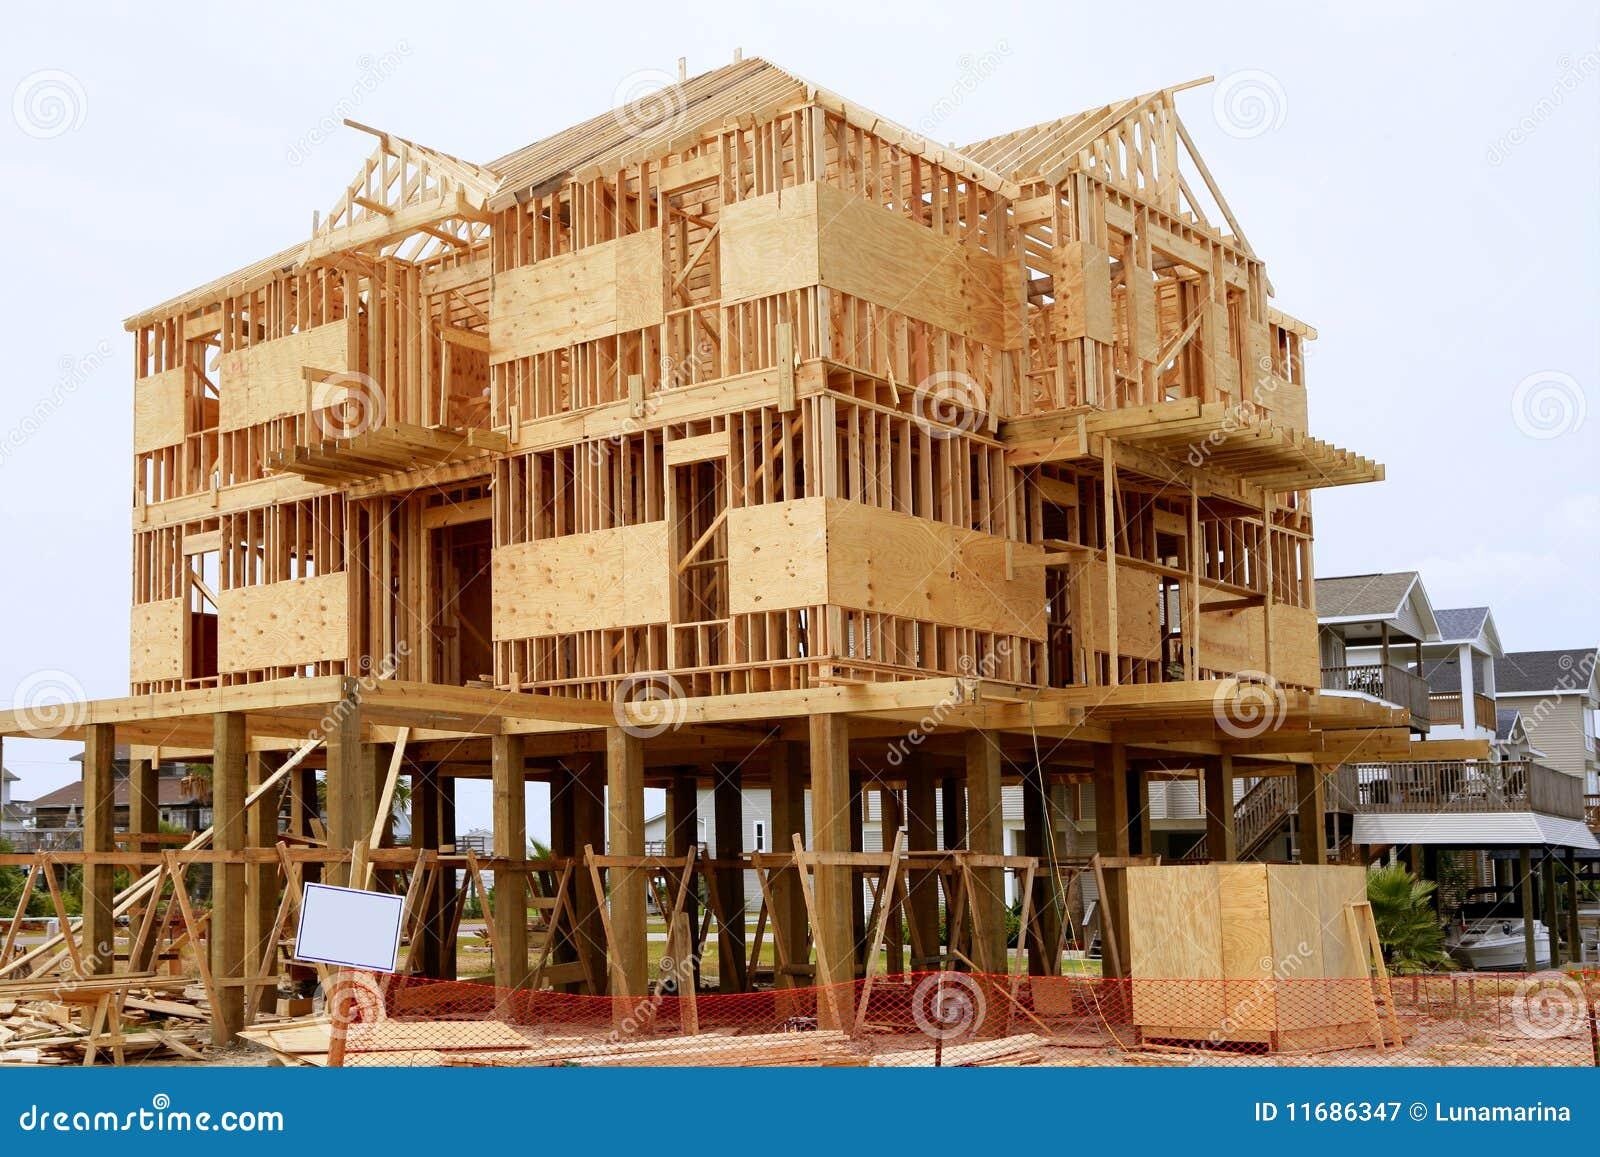 Legno americano della struttura della casa di contruction for Programma di disegno della casa libera